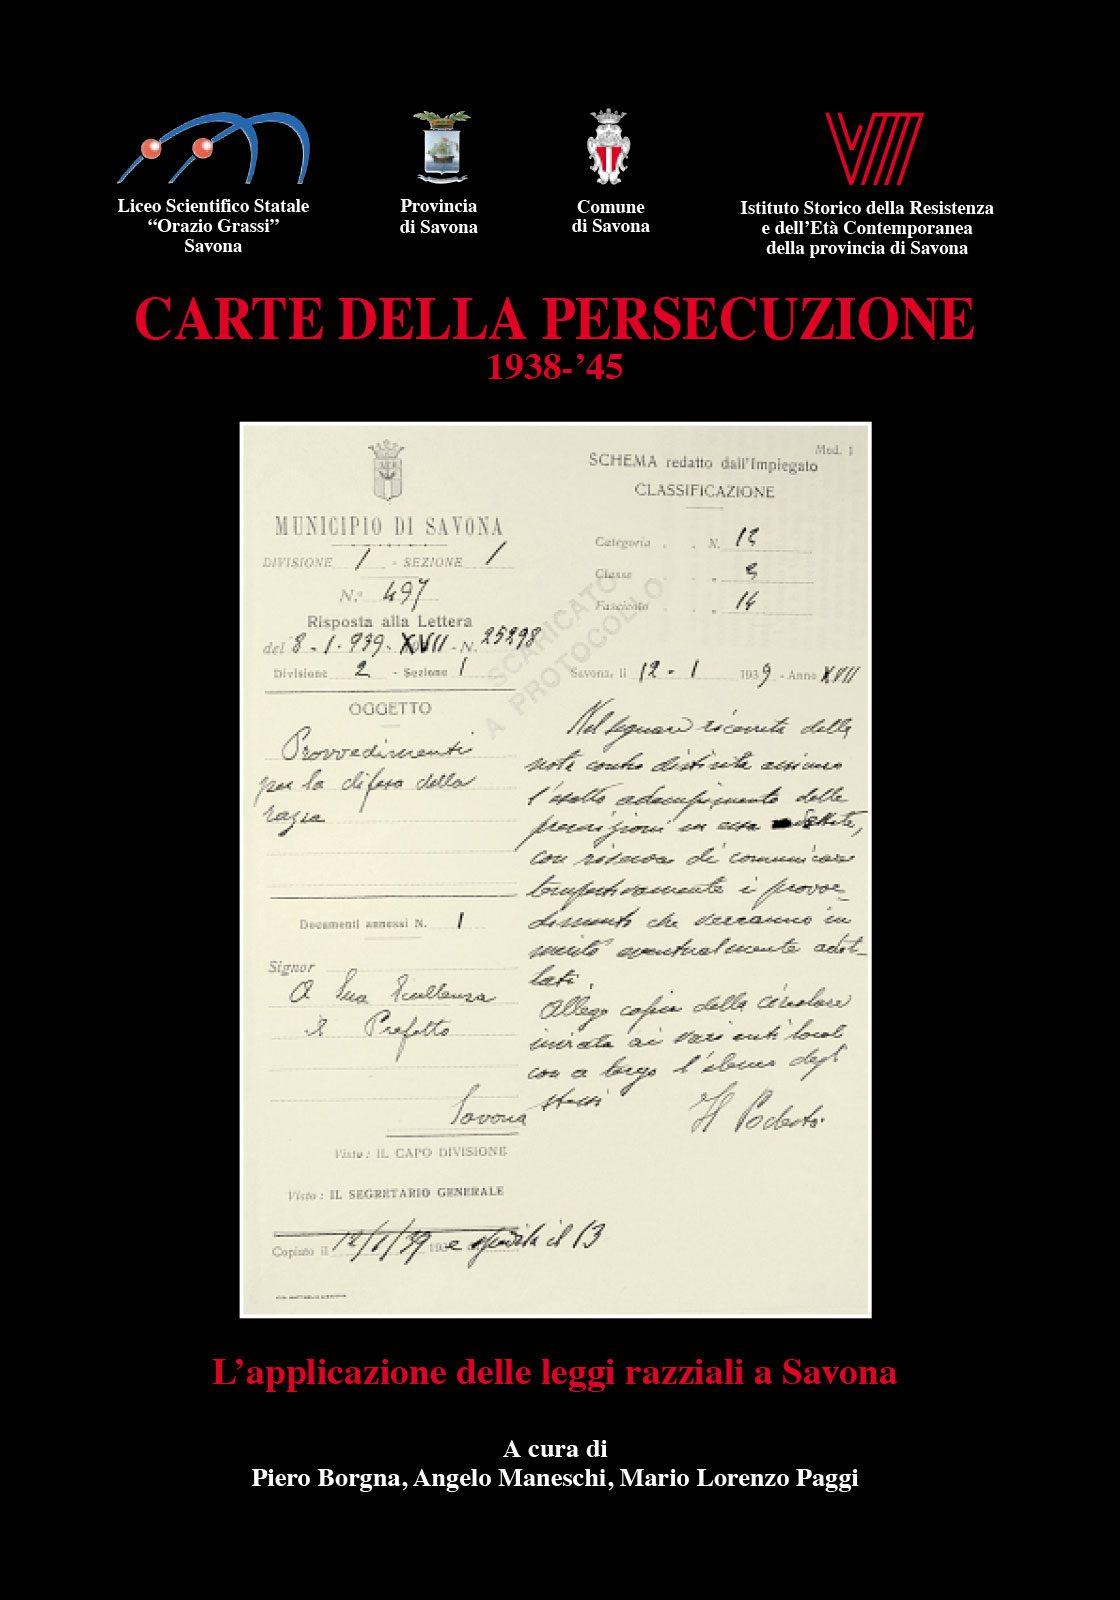 carte-della-persecuzione